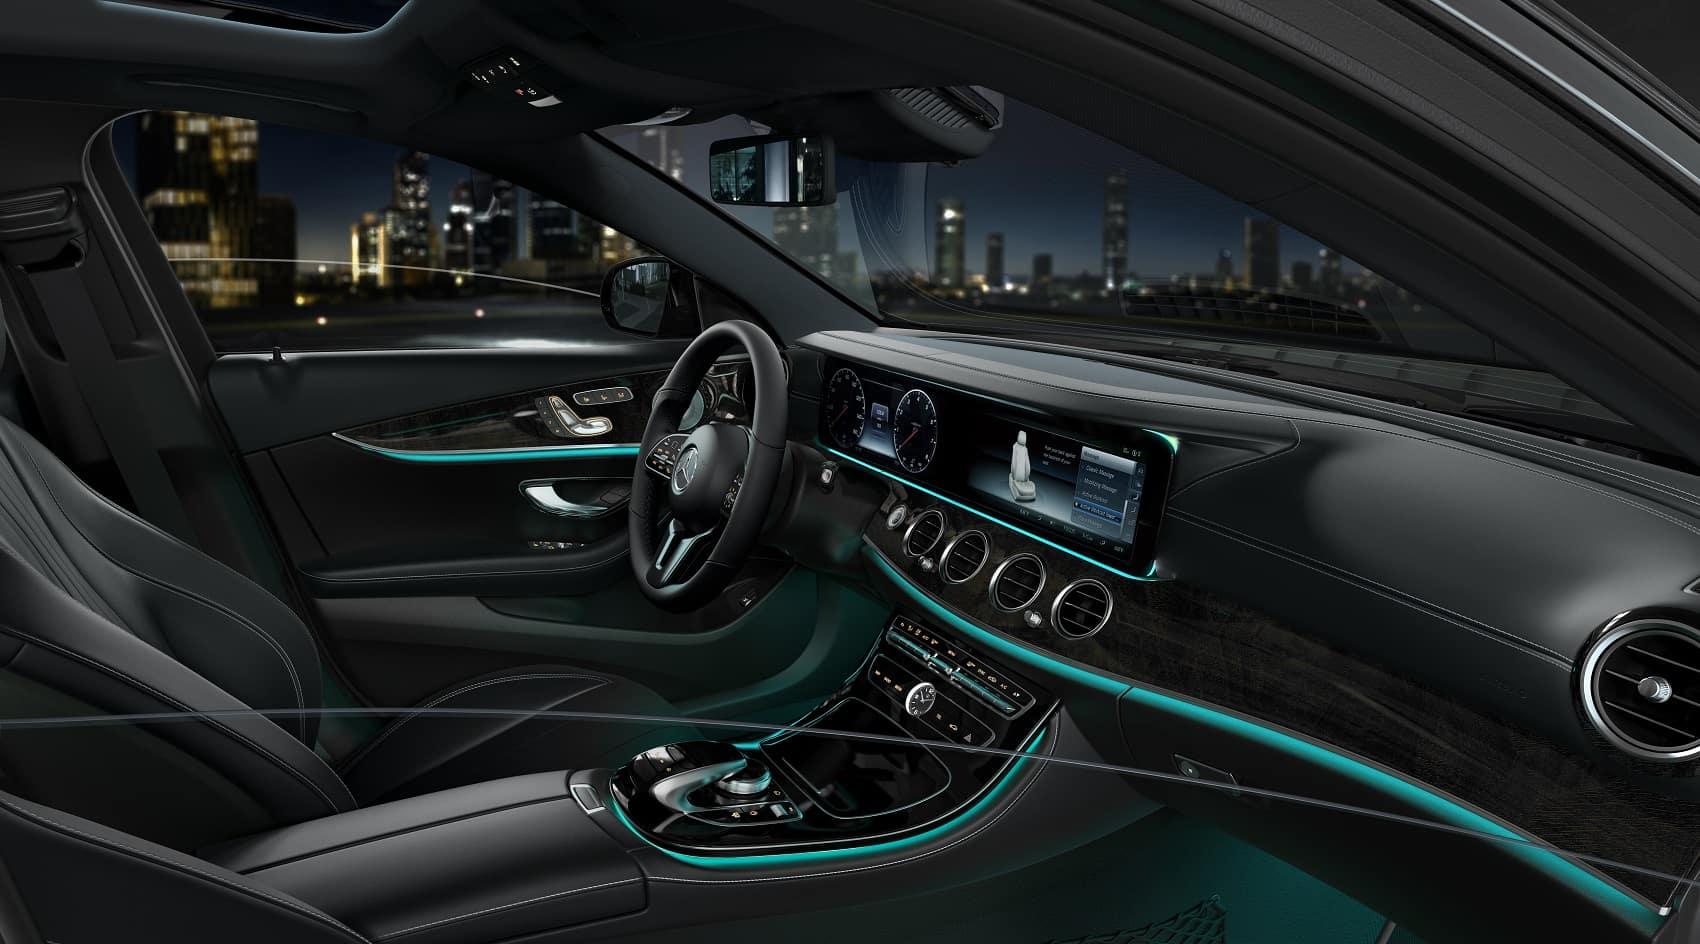 2020 Mercedes Benz E-Class Interior Space